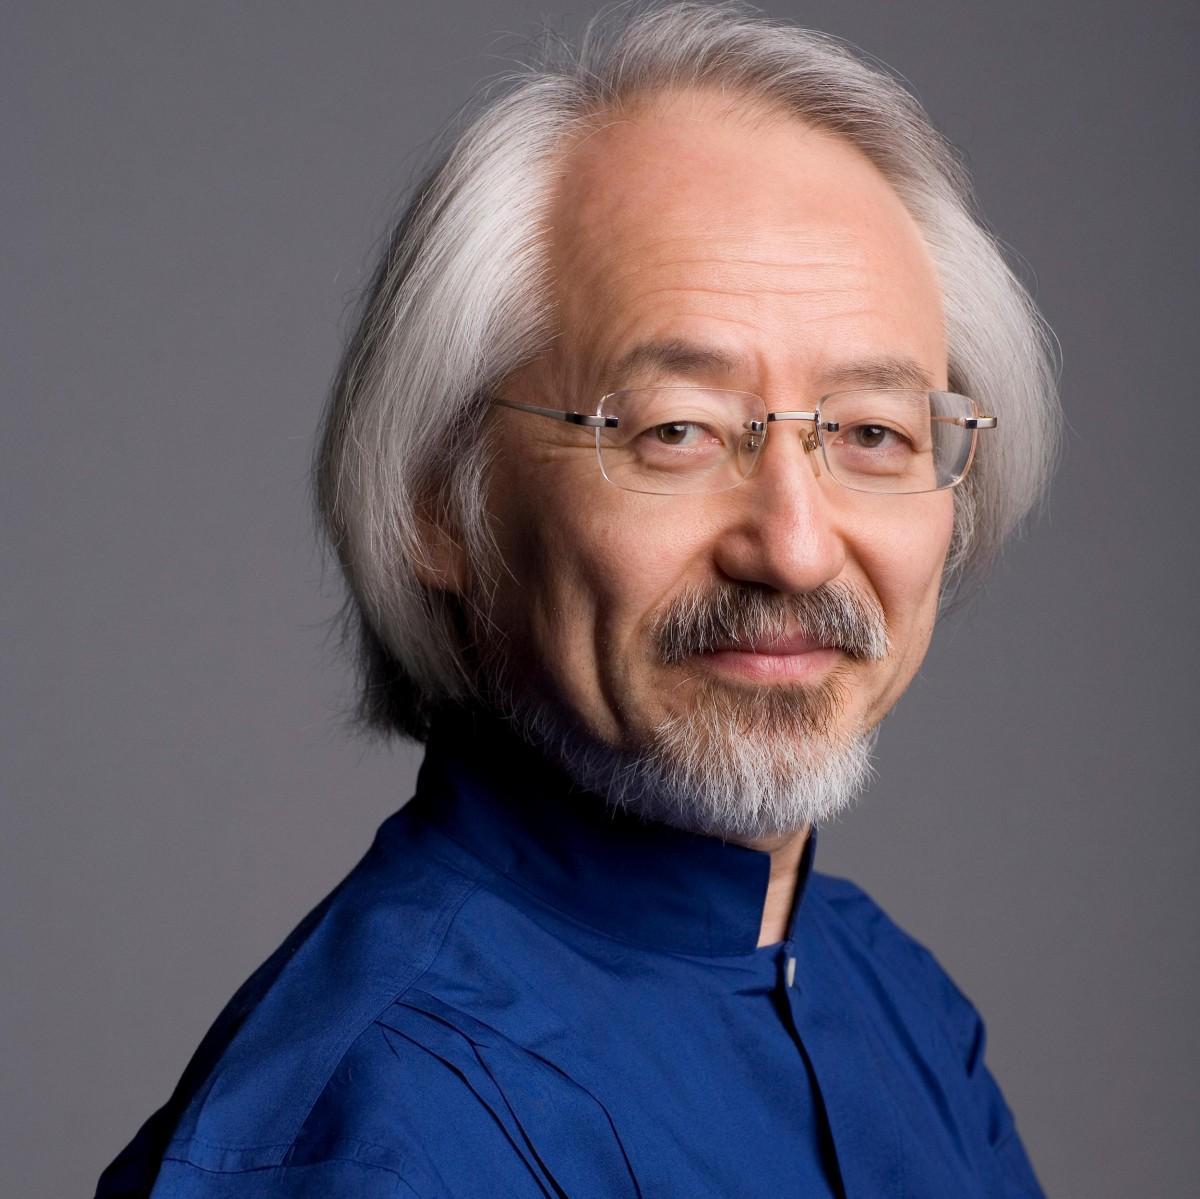 バッハ・コレギウム・ジャパン音楽監督の鈴木雅明さん(撮影= Marco Borggreve)